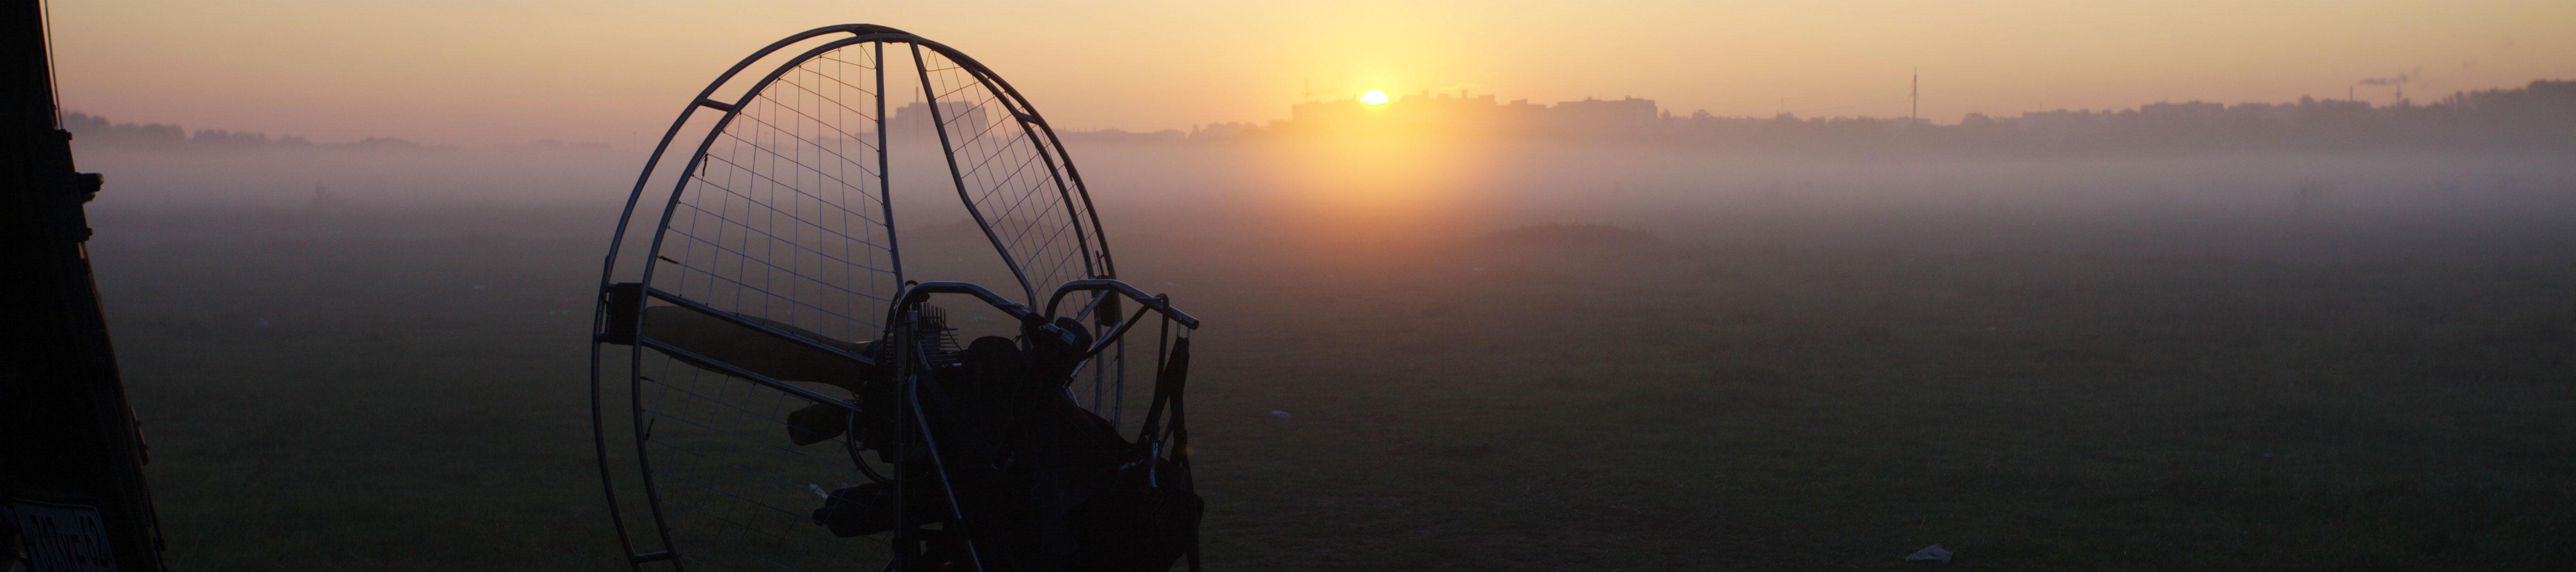 фото слайдера «паралёт в тумане»